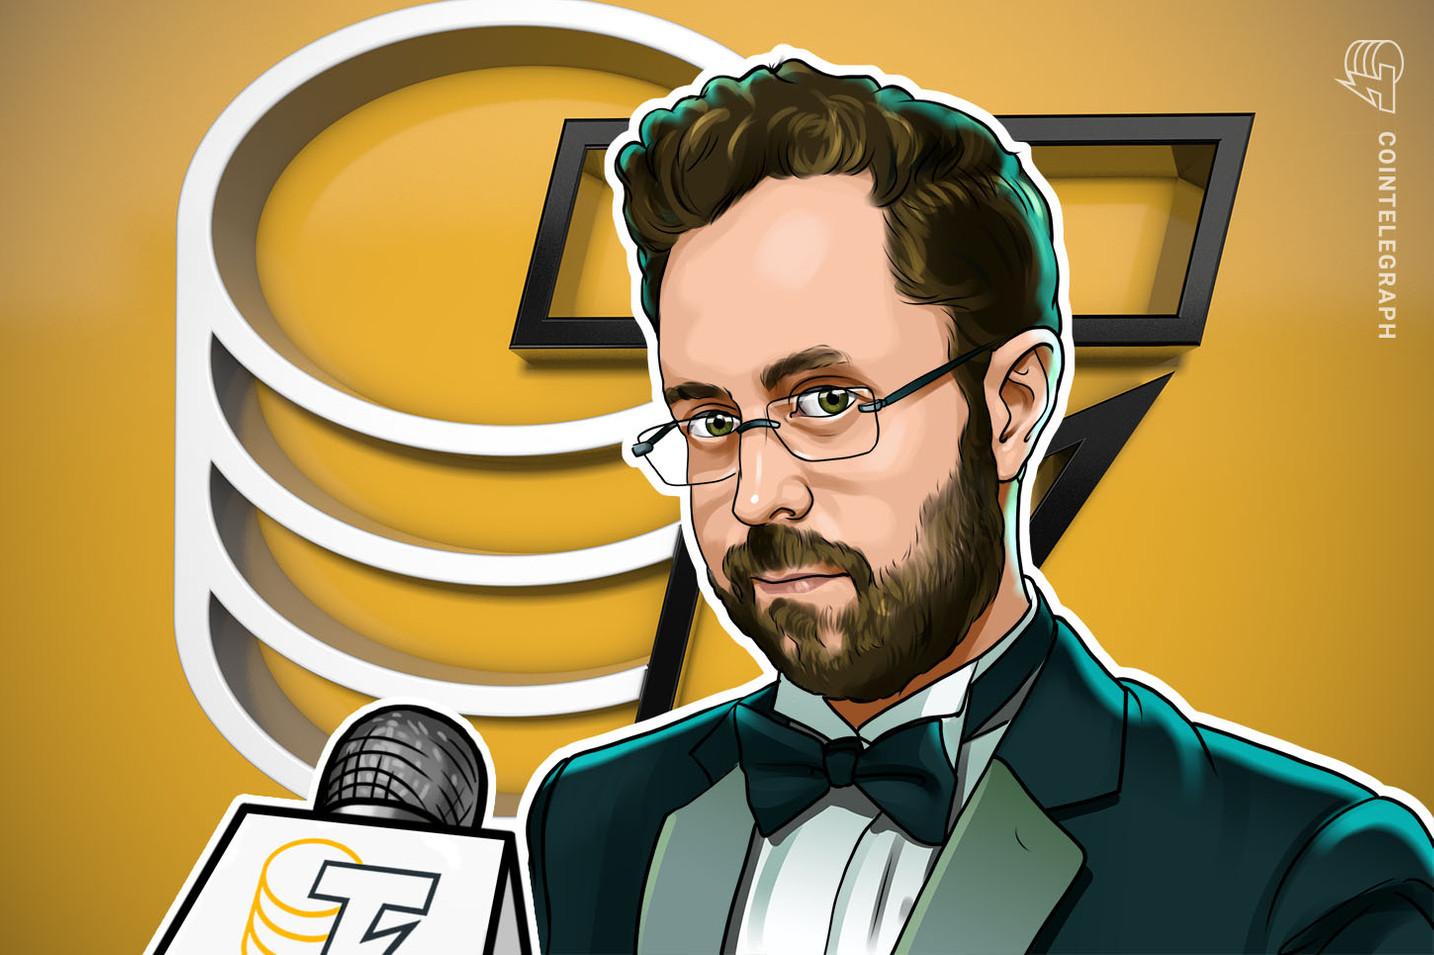 Los primeros días de Bitcoin y los correos electrónicos de Dustin D. Trammell con Satoshi Nakamoto